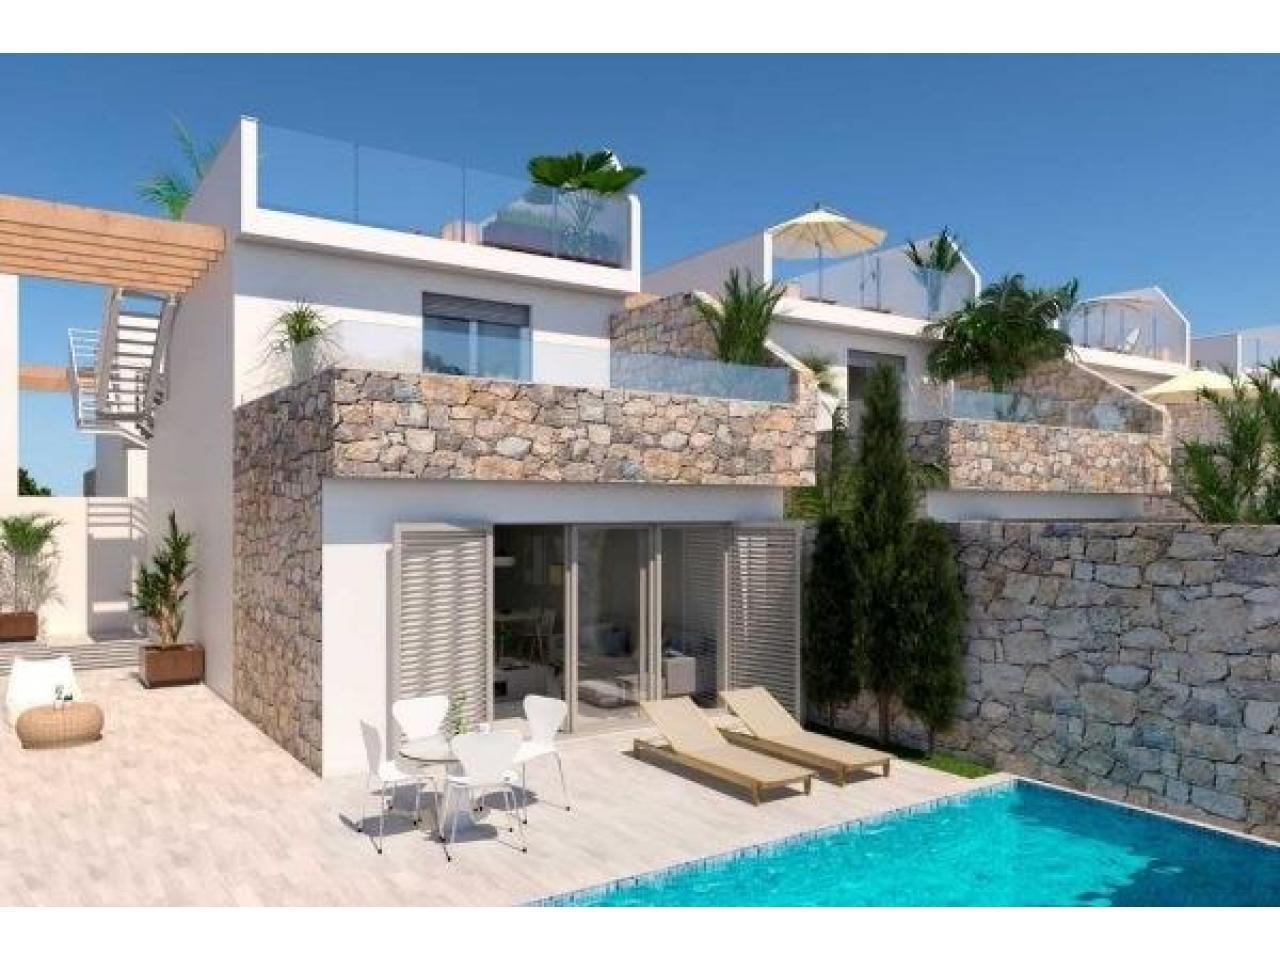 Недвижимость в Испании, Новая вилла рядом с пляжем от застройщика в Лос Алькасарес - 1